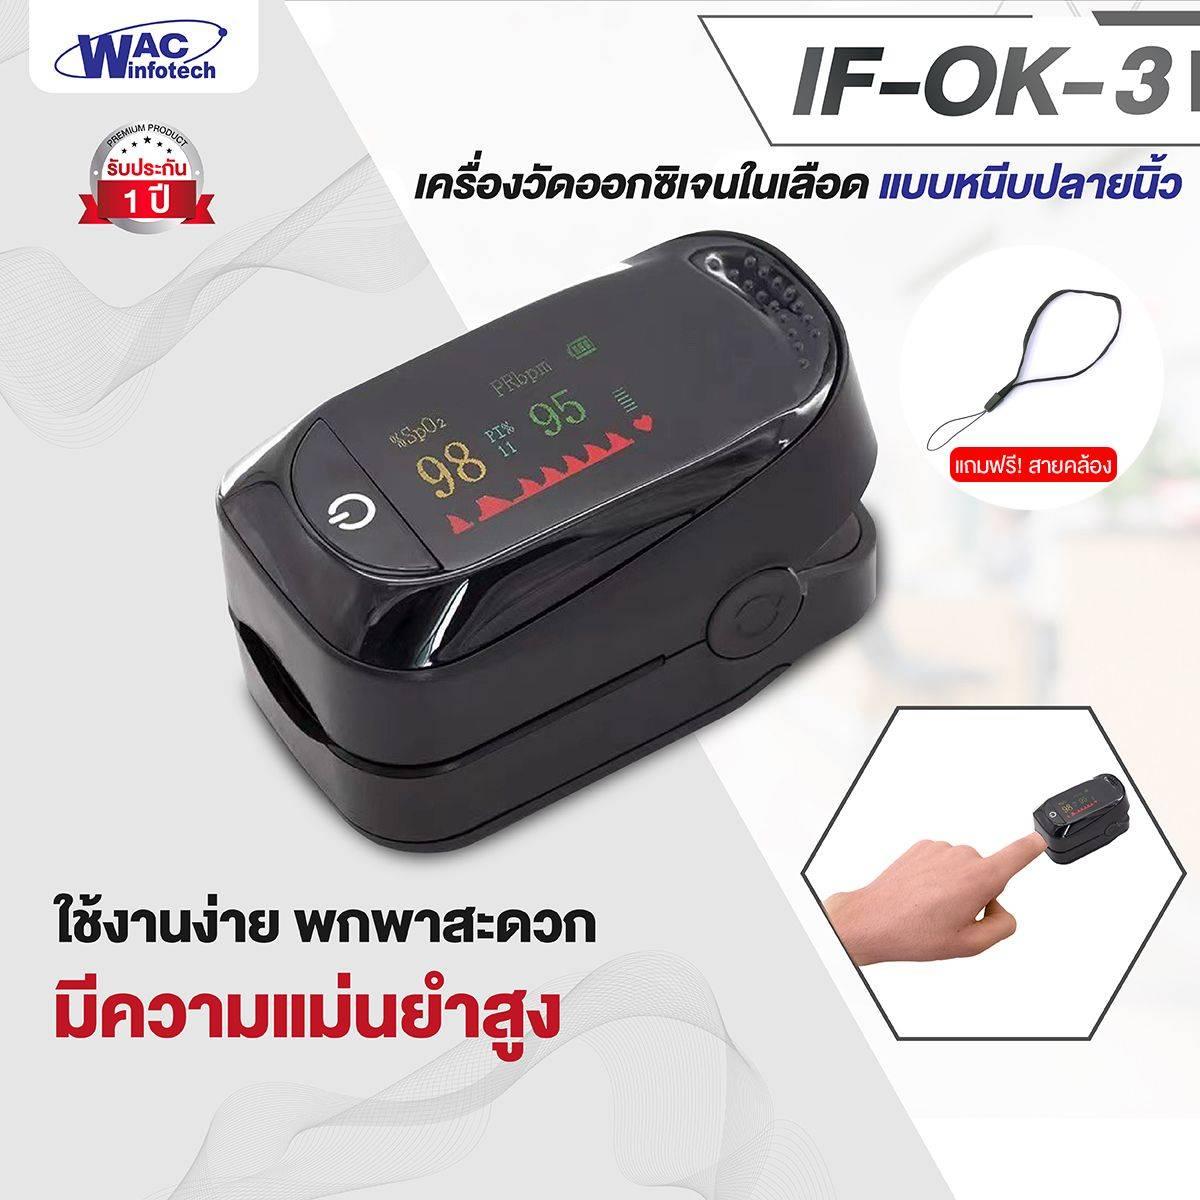 IF OK 3:เครื่องวัดออกซิเจนปลายนิ้ว วัดออกซิเจนในเลือด เครื่องวัดชีพจร Pluse Oximeter